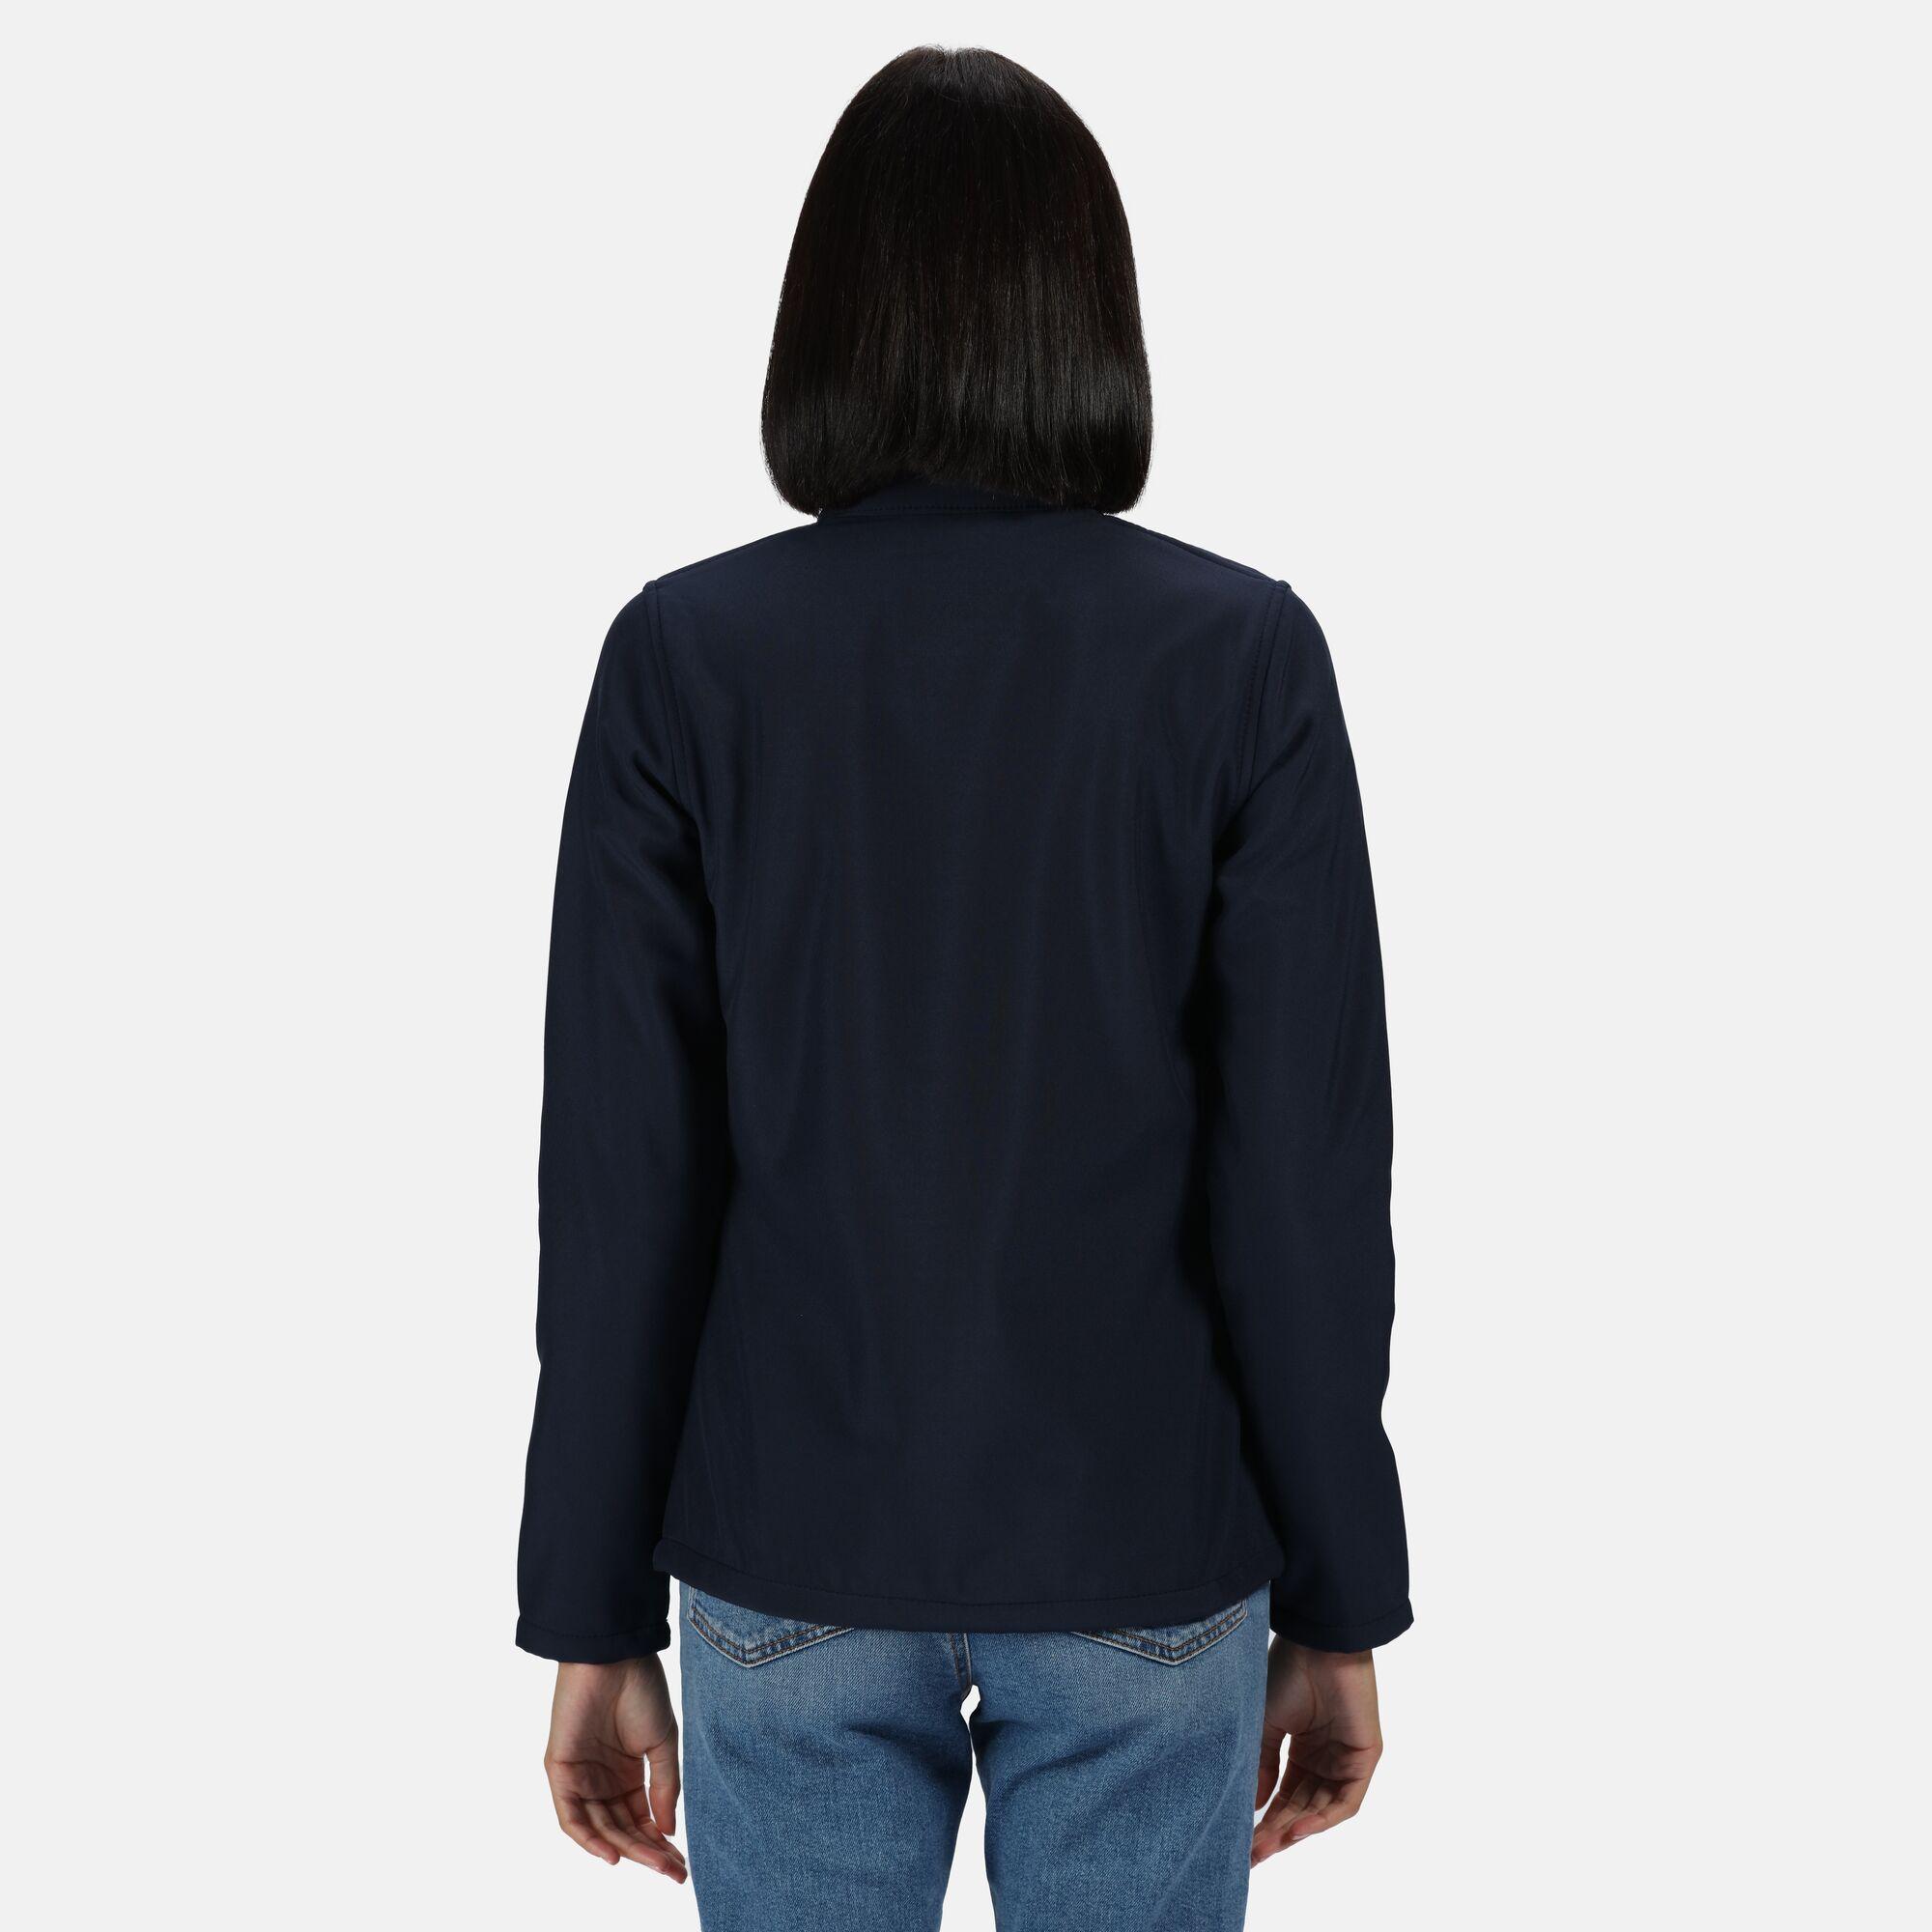 Regatta Womens/Ladies Ablaze Printable Softshell Jacket (12 UK) (Navy/Navy)